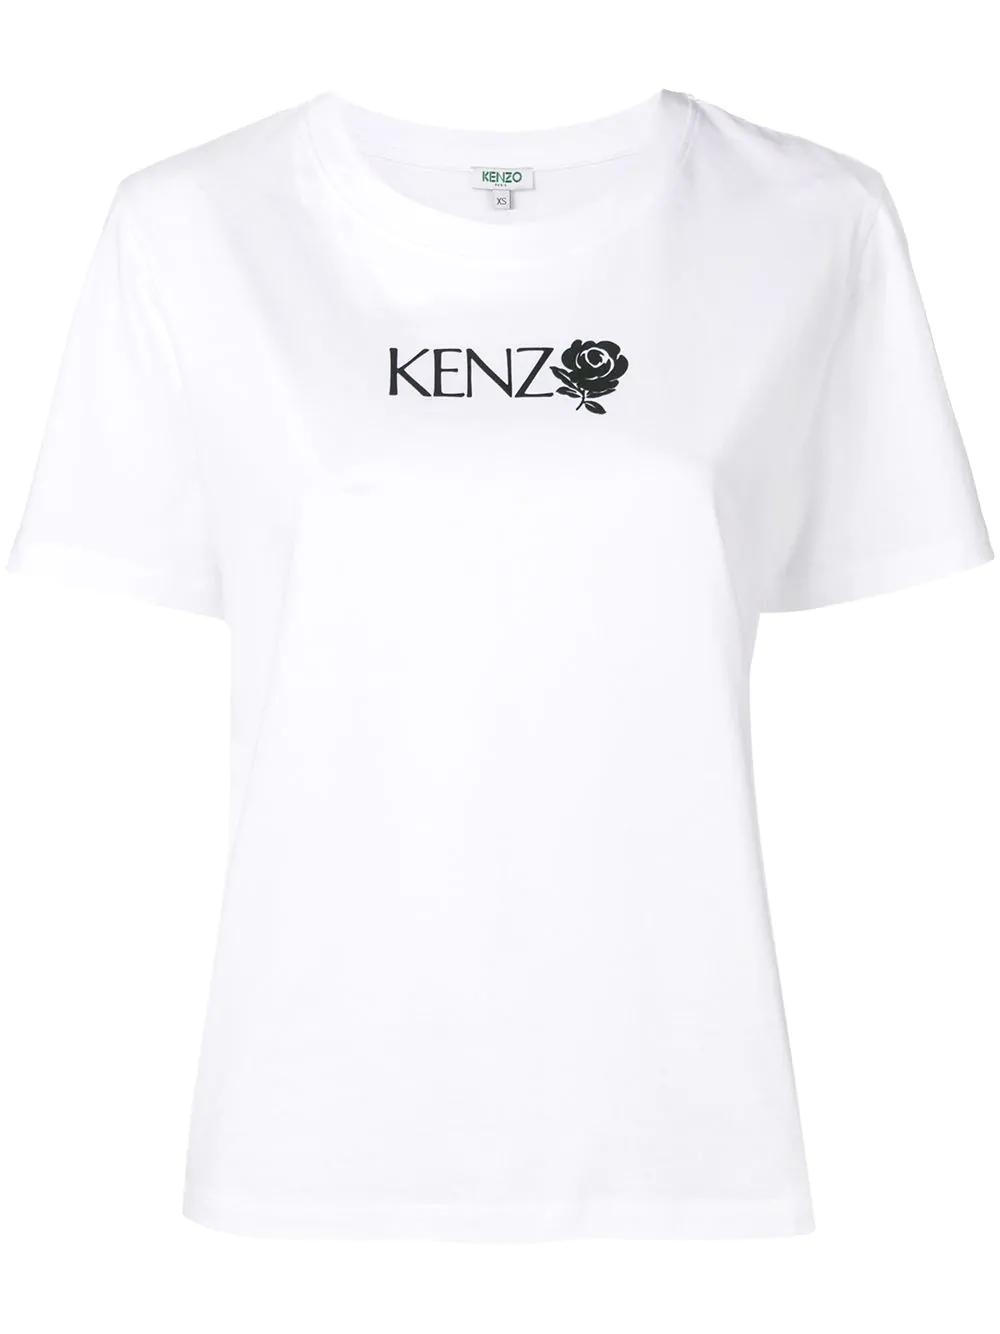 d89eddf31 Kenzo Logo Print T-Shirt - White | ModeSens